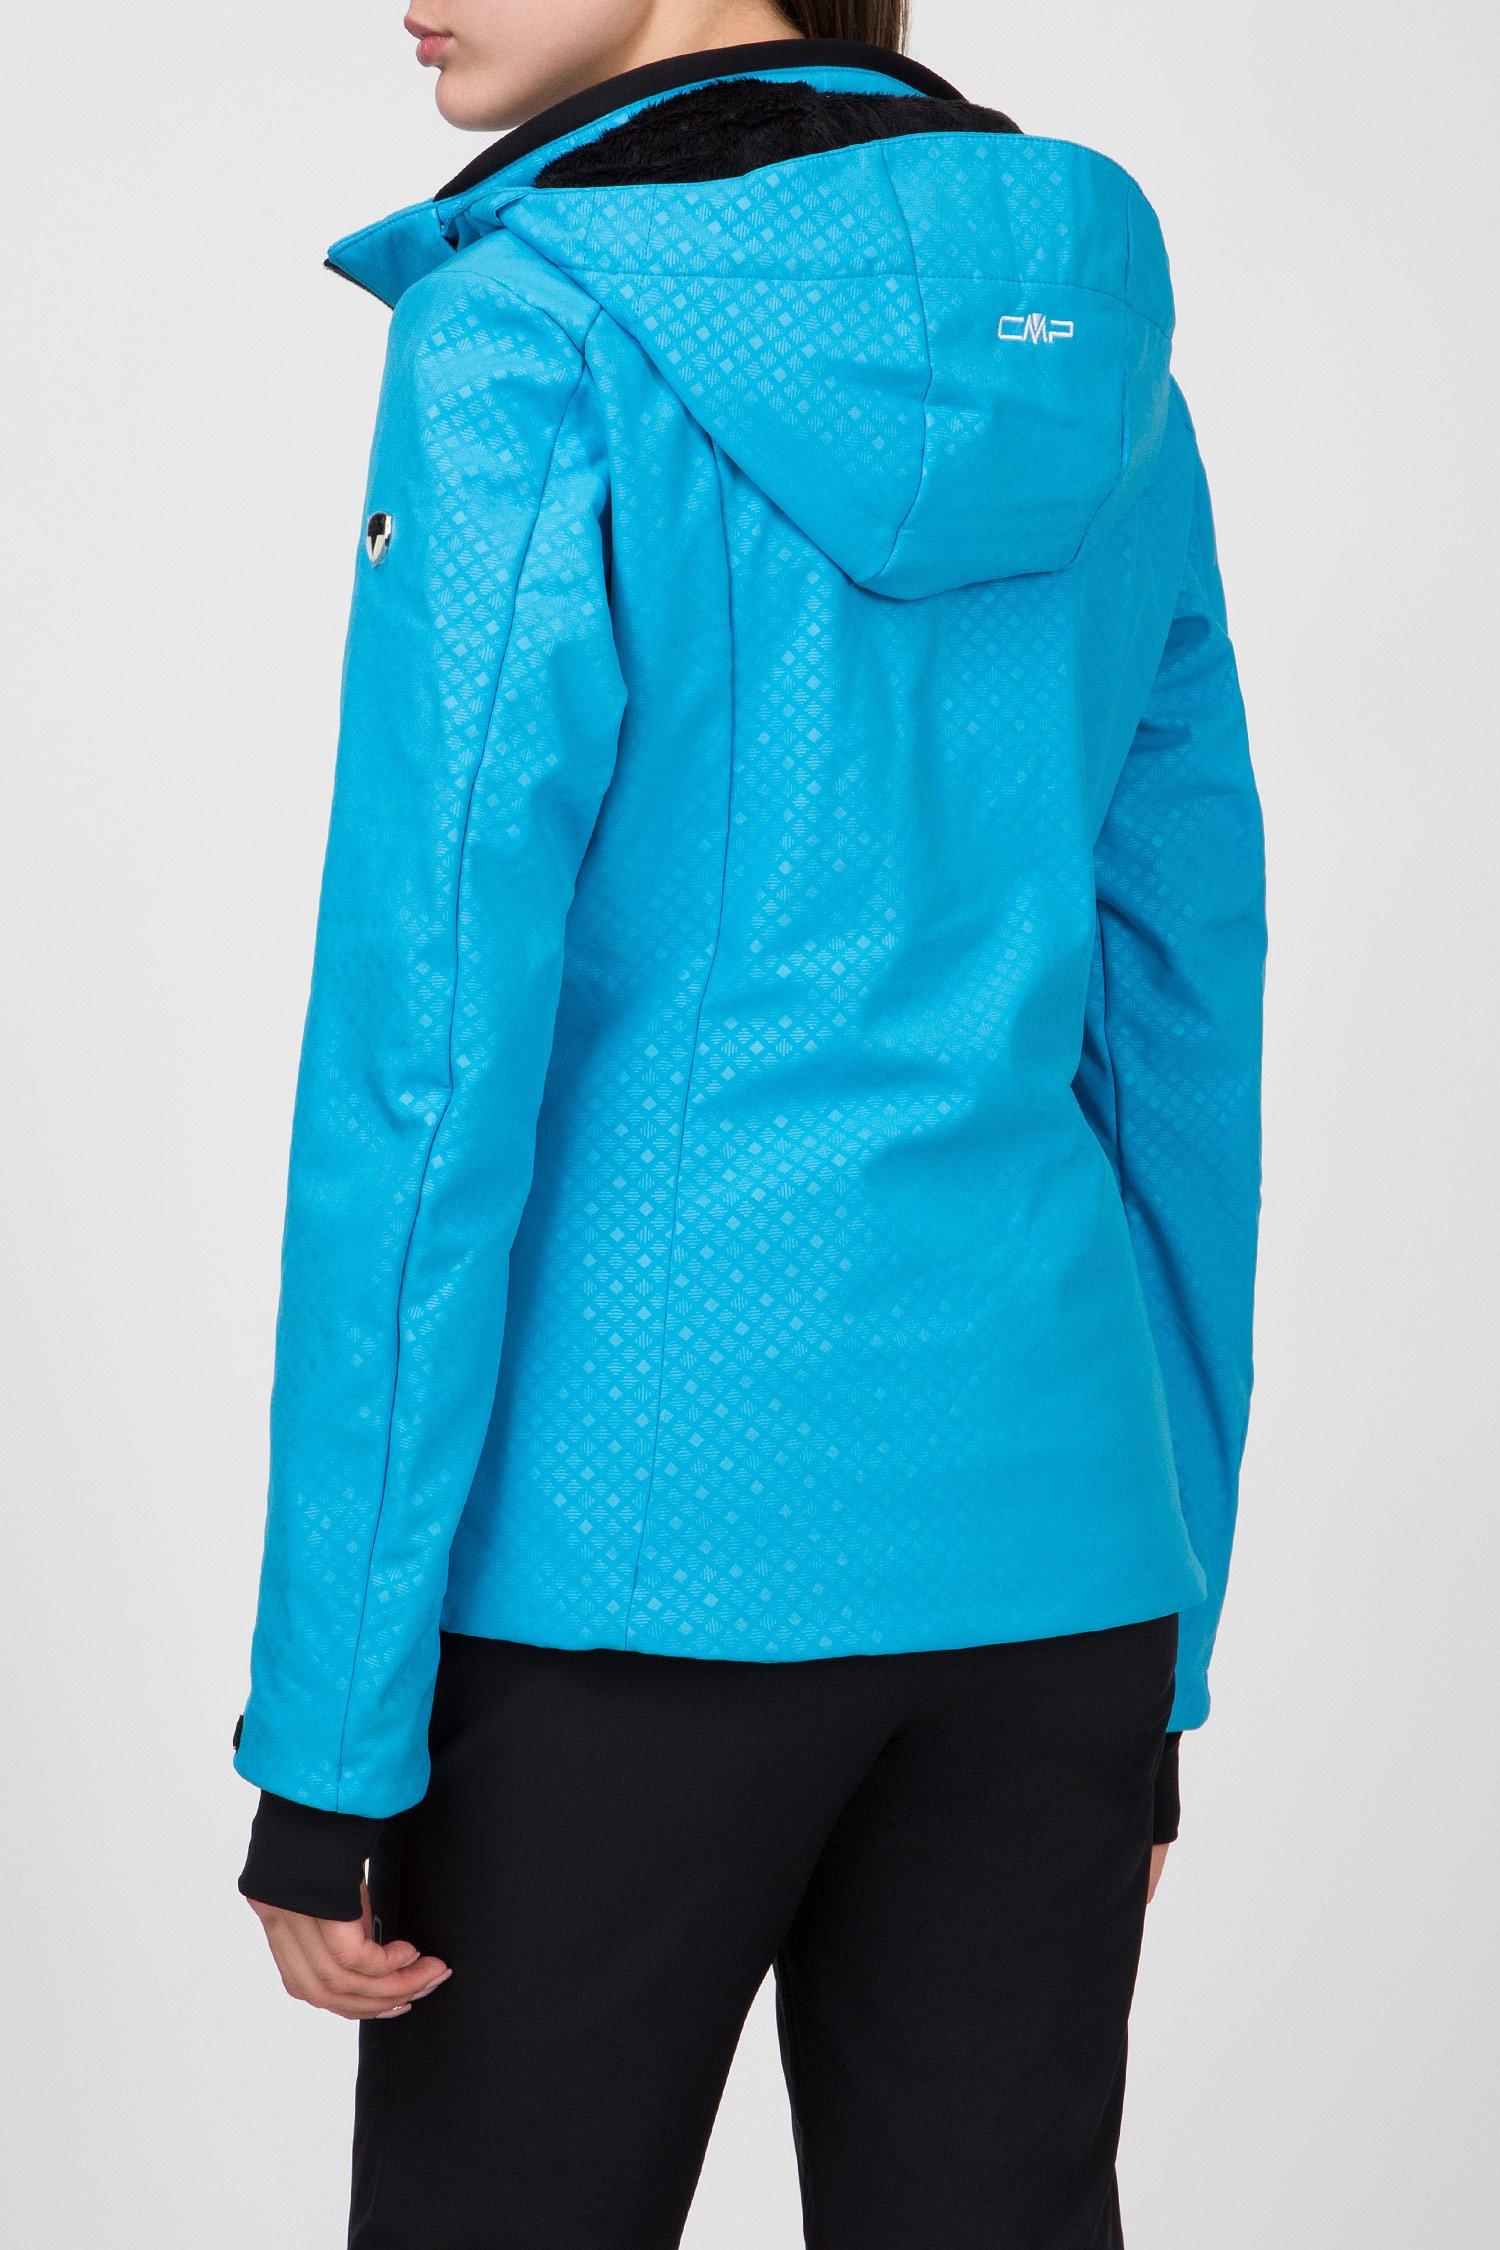 Купить Женская голубая пуховая лыжная куртка CMP CMP 38W0696-M713 – Киев, Украина. Цены в интернет магазине MD Fashion